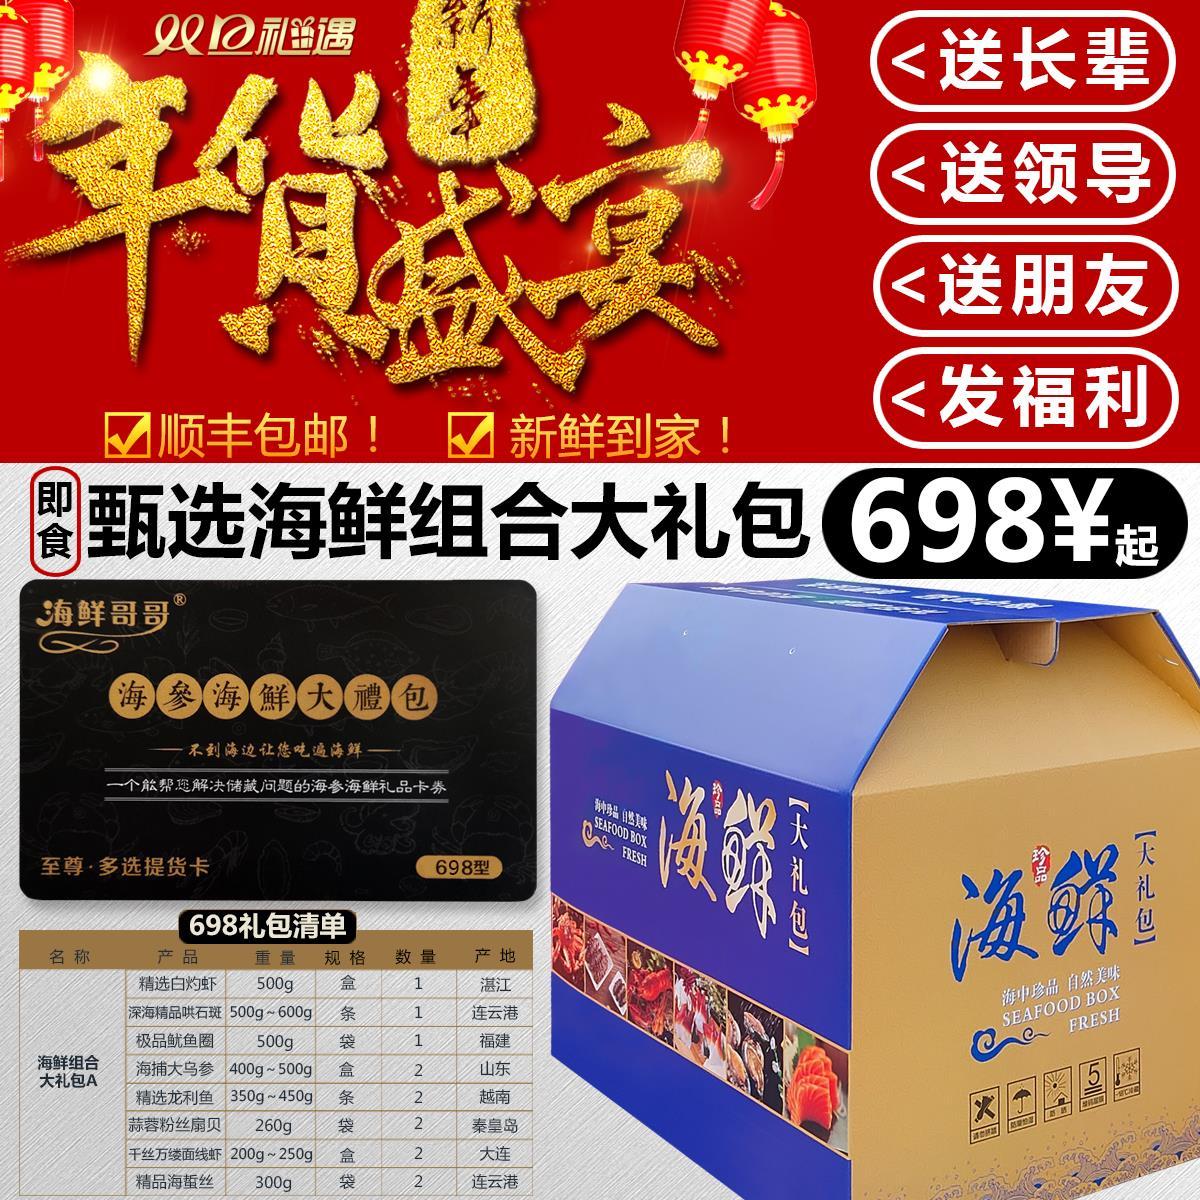 海鲜大礼包1868型 送礼年货礼盒龙虾海参面包蟹生鲜礼券